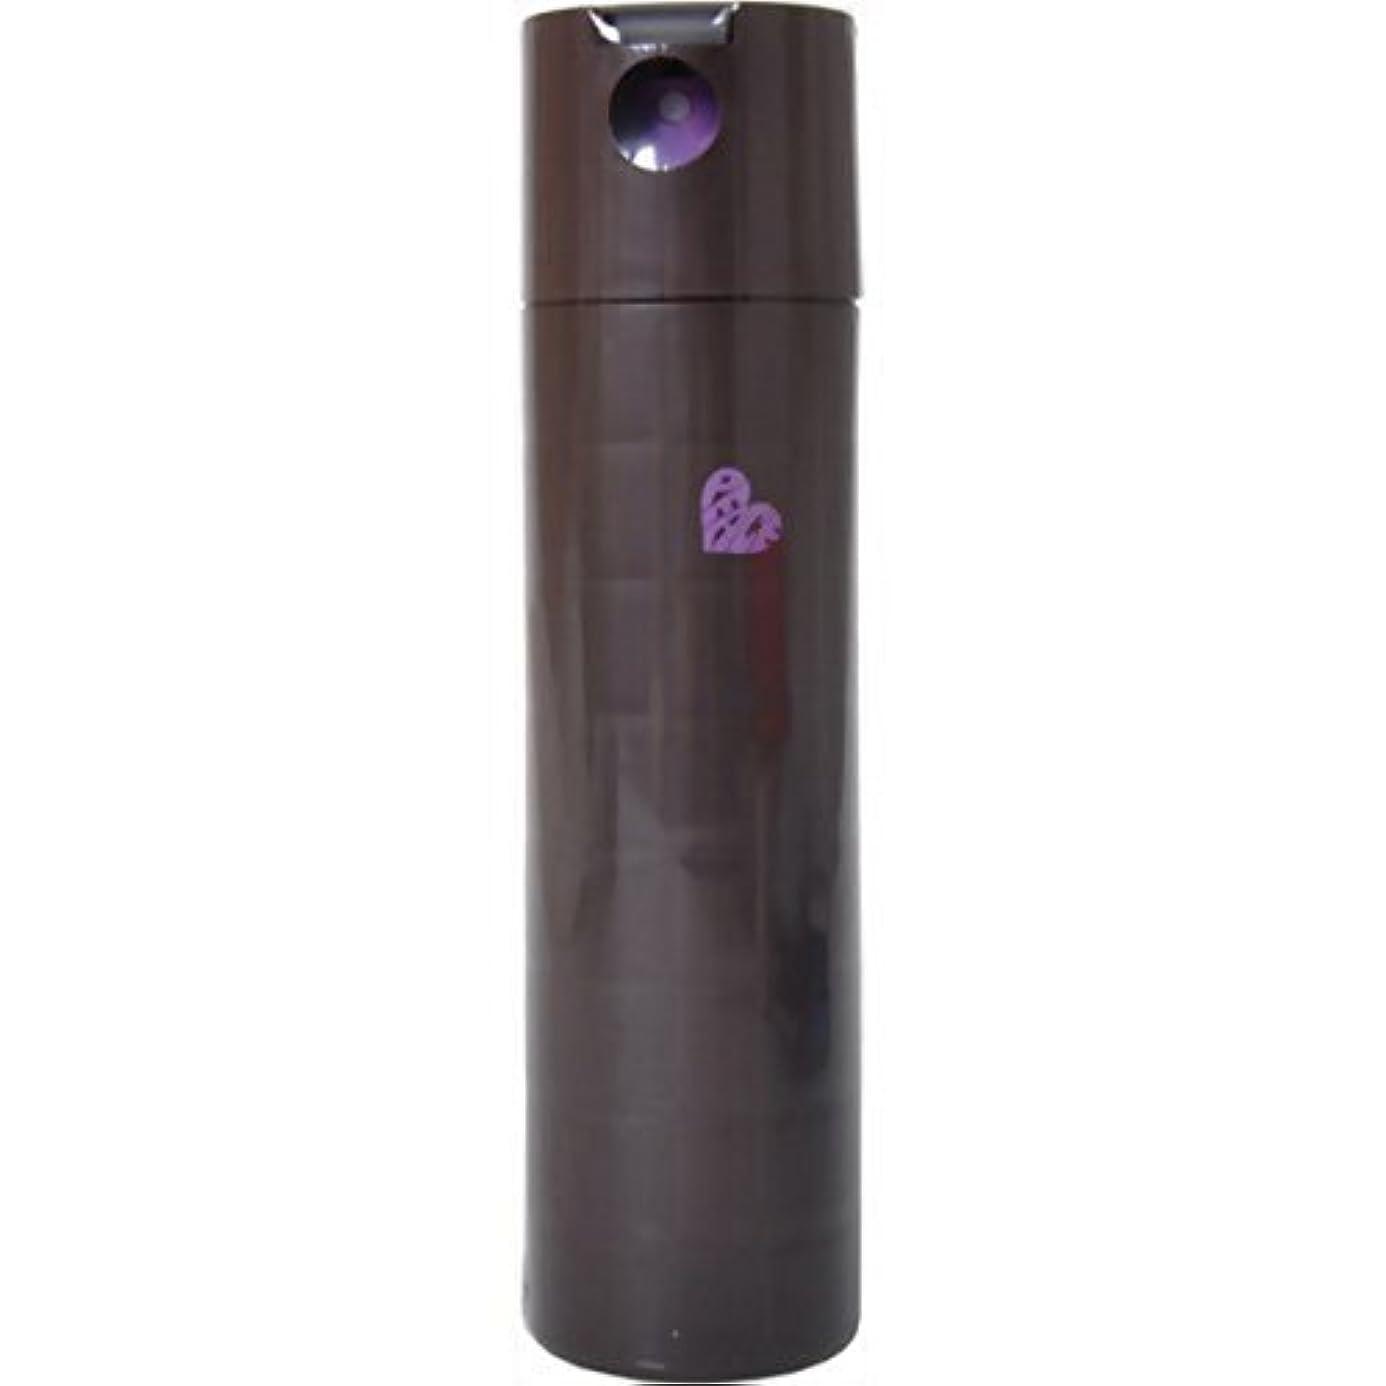 はちみつ重要性破壊するアリミノ ピース カールspray チョコ 138g(200ml) スプレーライン ARIMINO PEACE